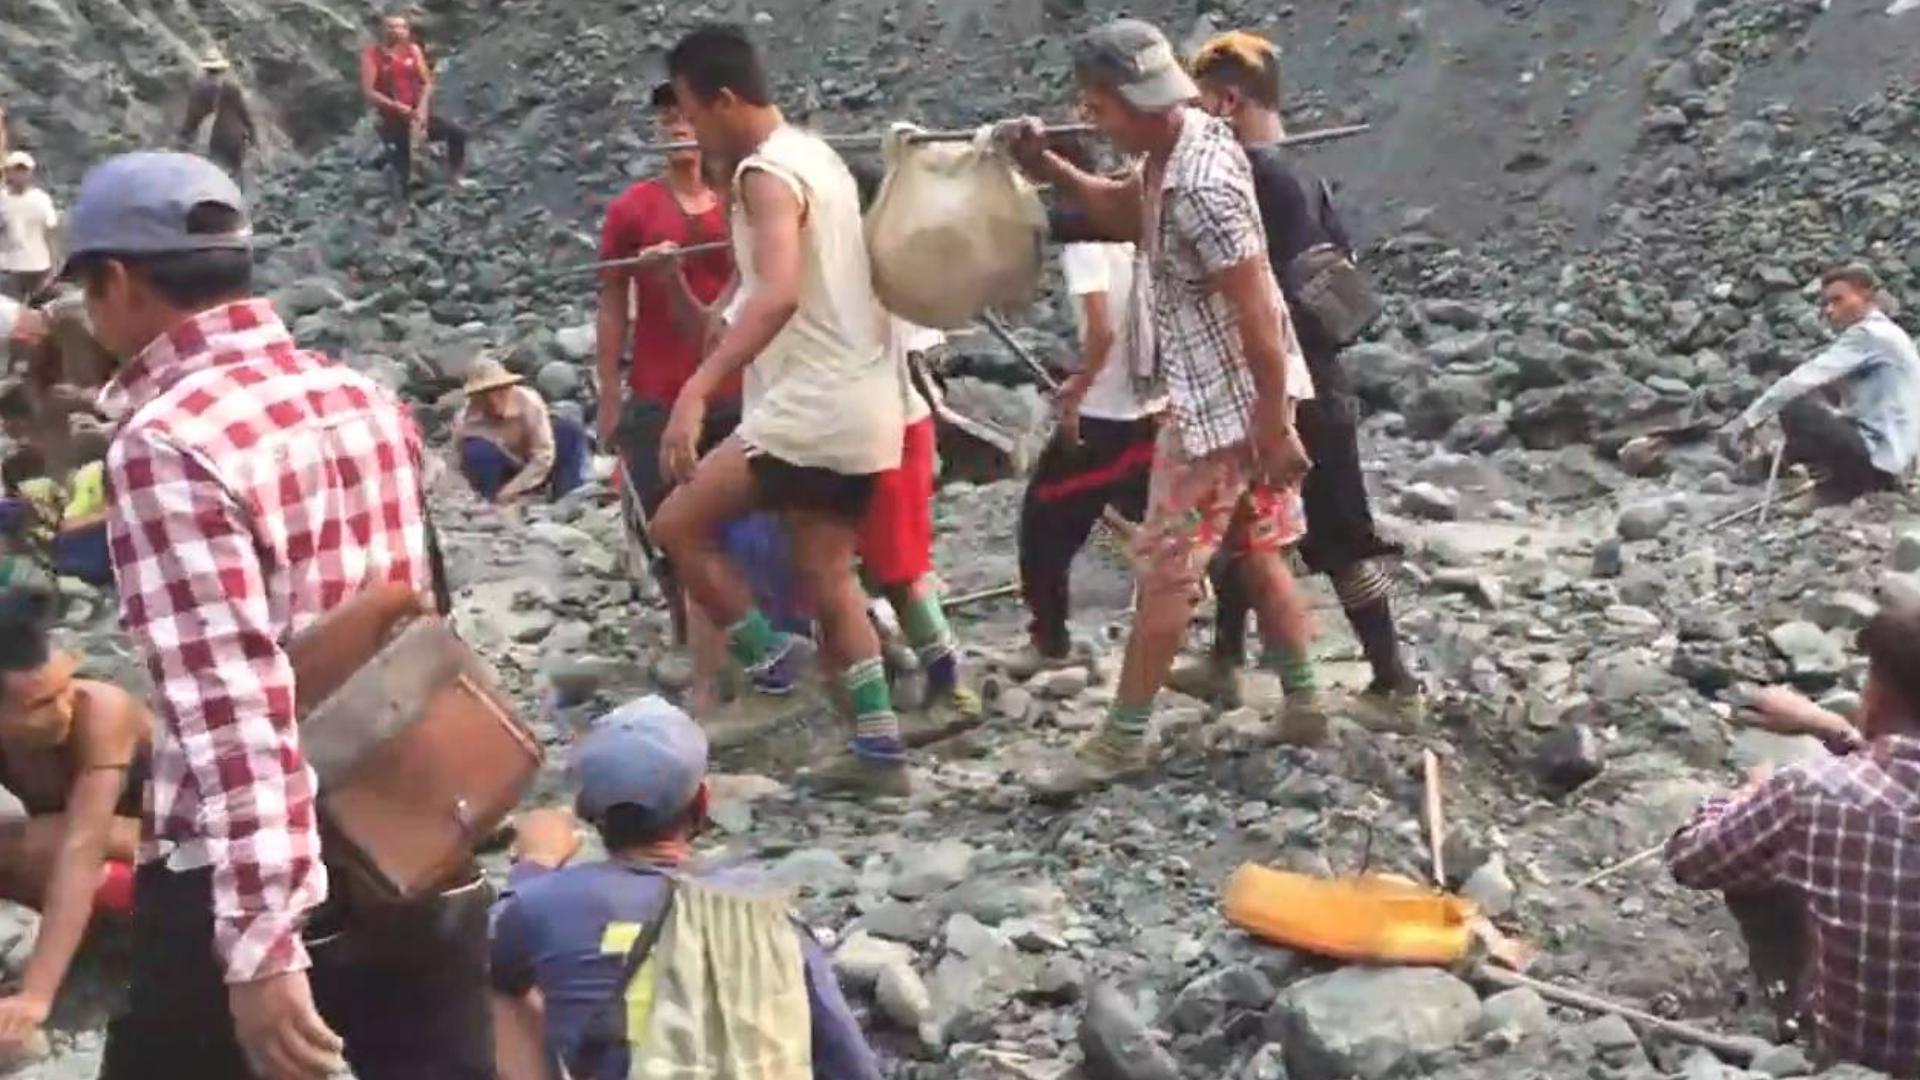 缅甸矿区纪实:翡翠来自不易,疯狂的挖玉人,用生命搏明天!